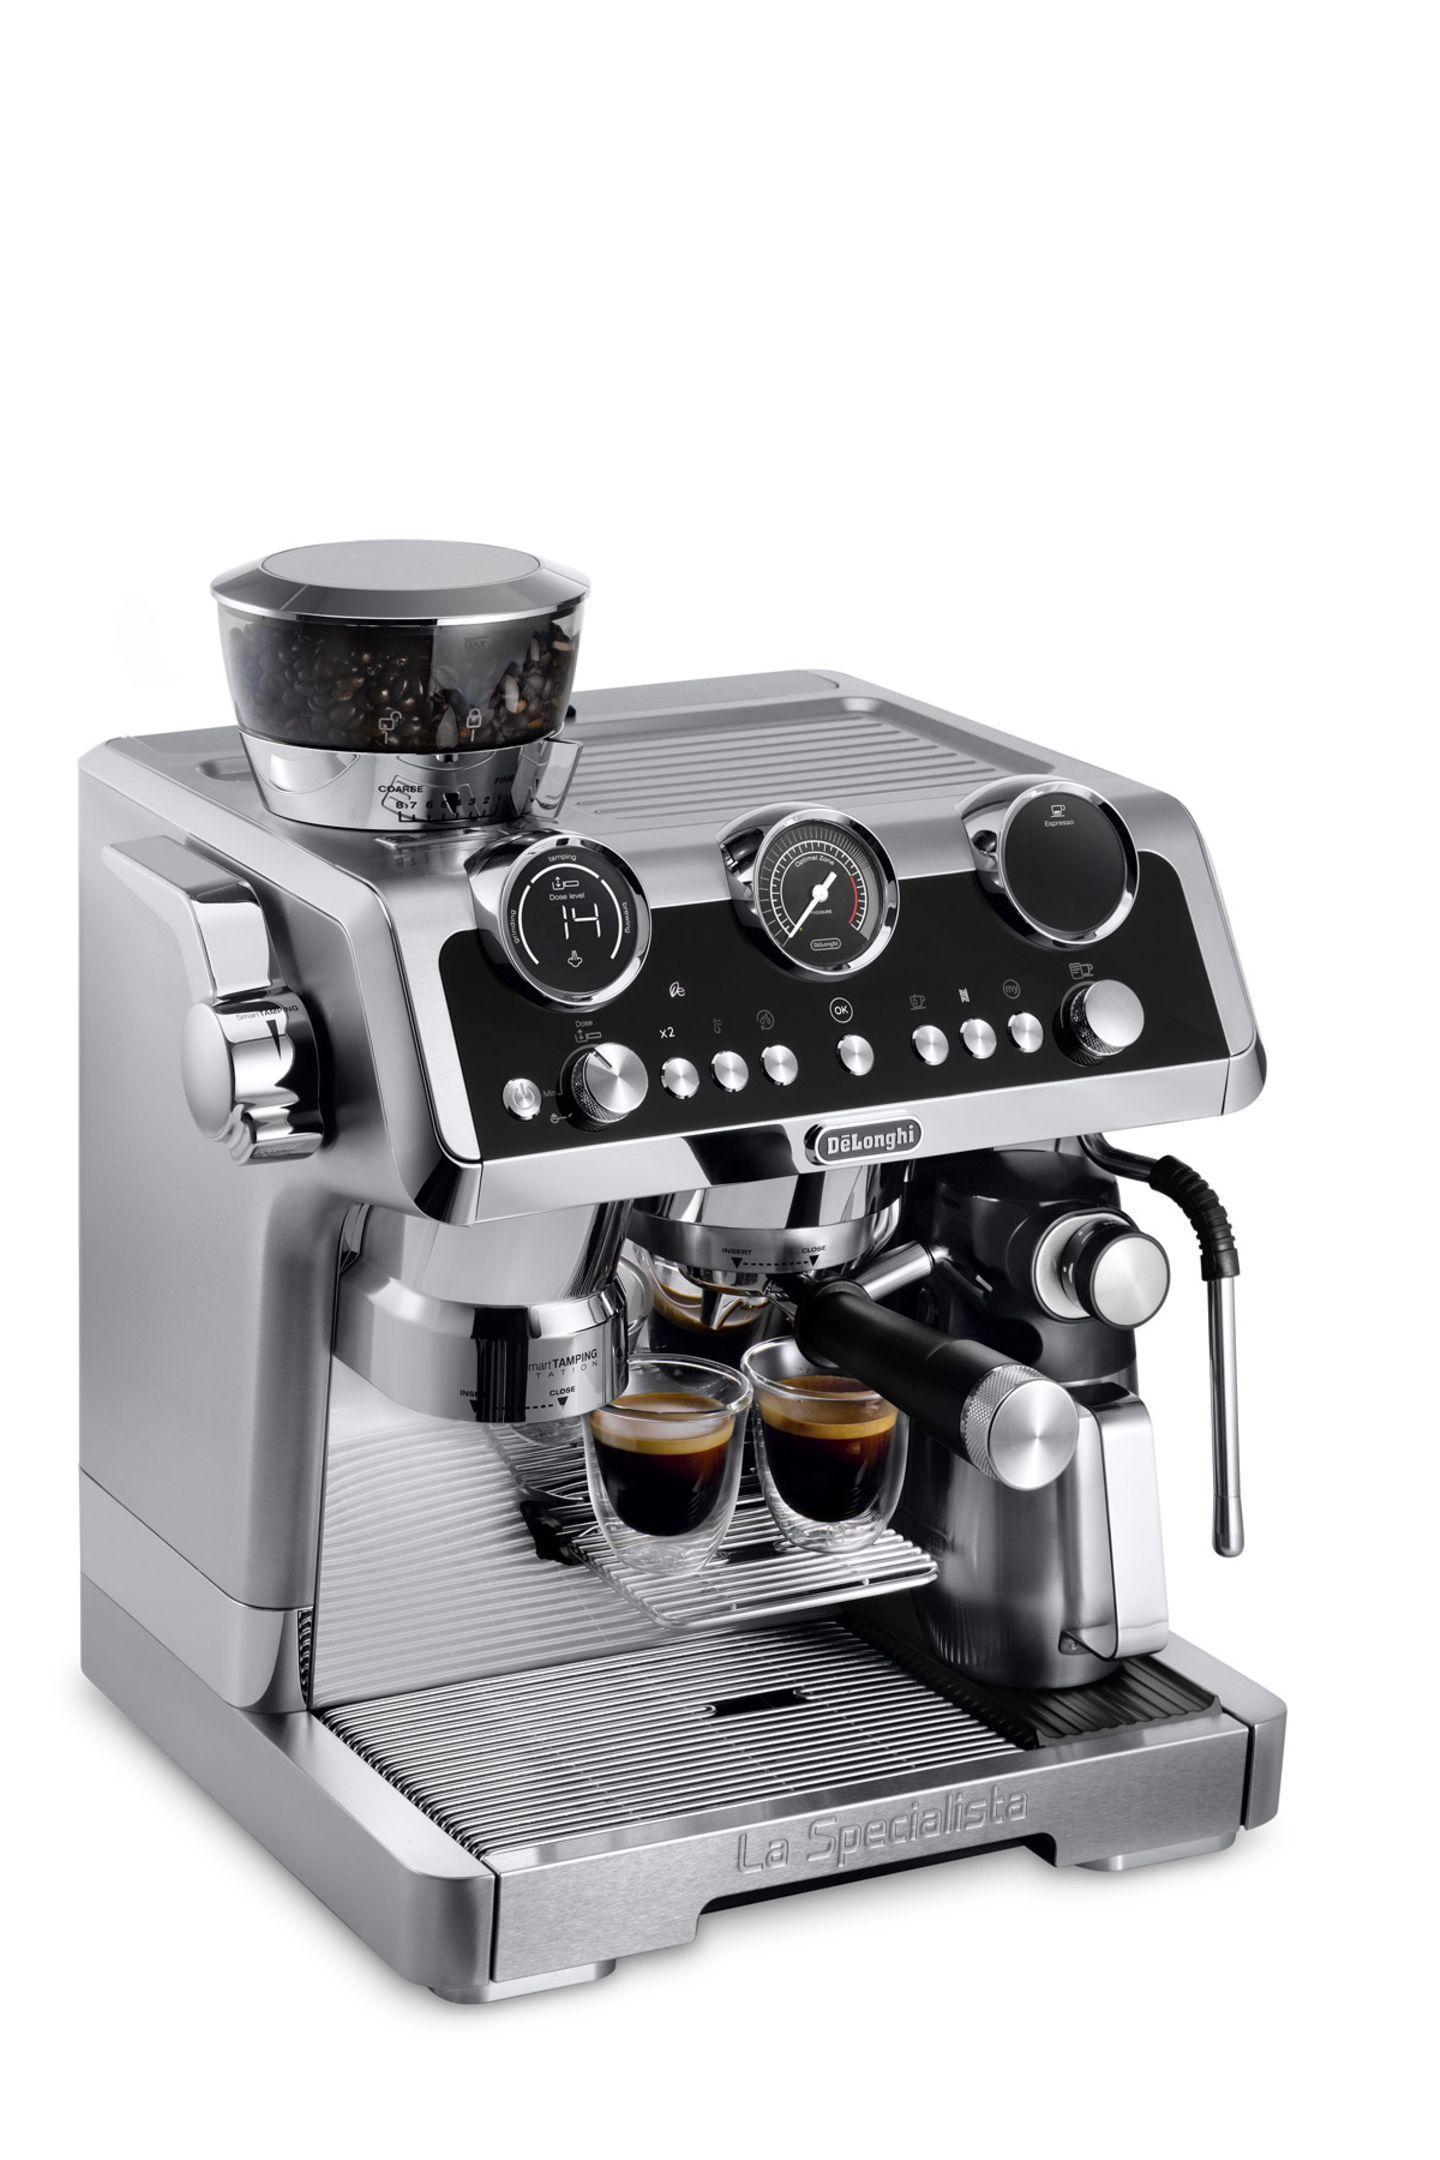 """Heißes Teil Wollen wir nicht alle richtig guten Kaffee, der einen Oscar verdient? Mit dieser Siebträgermaschine werden Kaffeeträume wahr, findet auch Markenbotschafter Brad Pitt: """"Kaffee ist für mich mehr als nur ein Getränk. Es verbindet und erlaubt Momente für sich selbst: Um innezuhalten und den Augenblick zu genießen."""" Hach ja, Brad ... Modell """"La Specialista Maestro"""" von De'Longhi, um 1350 Euro."""